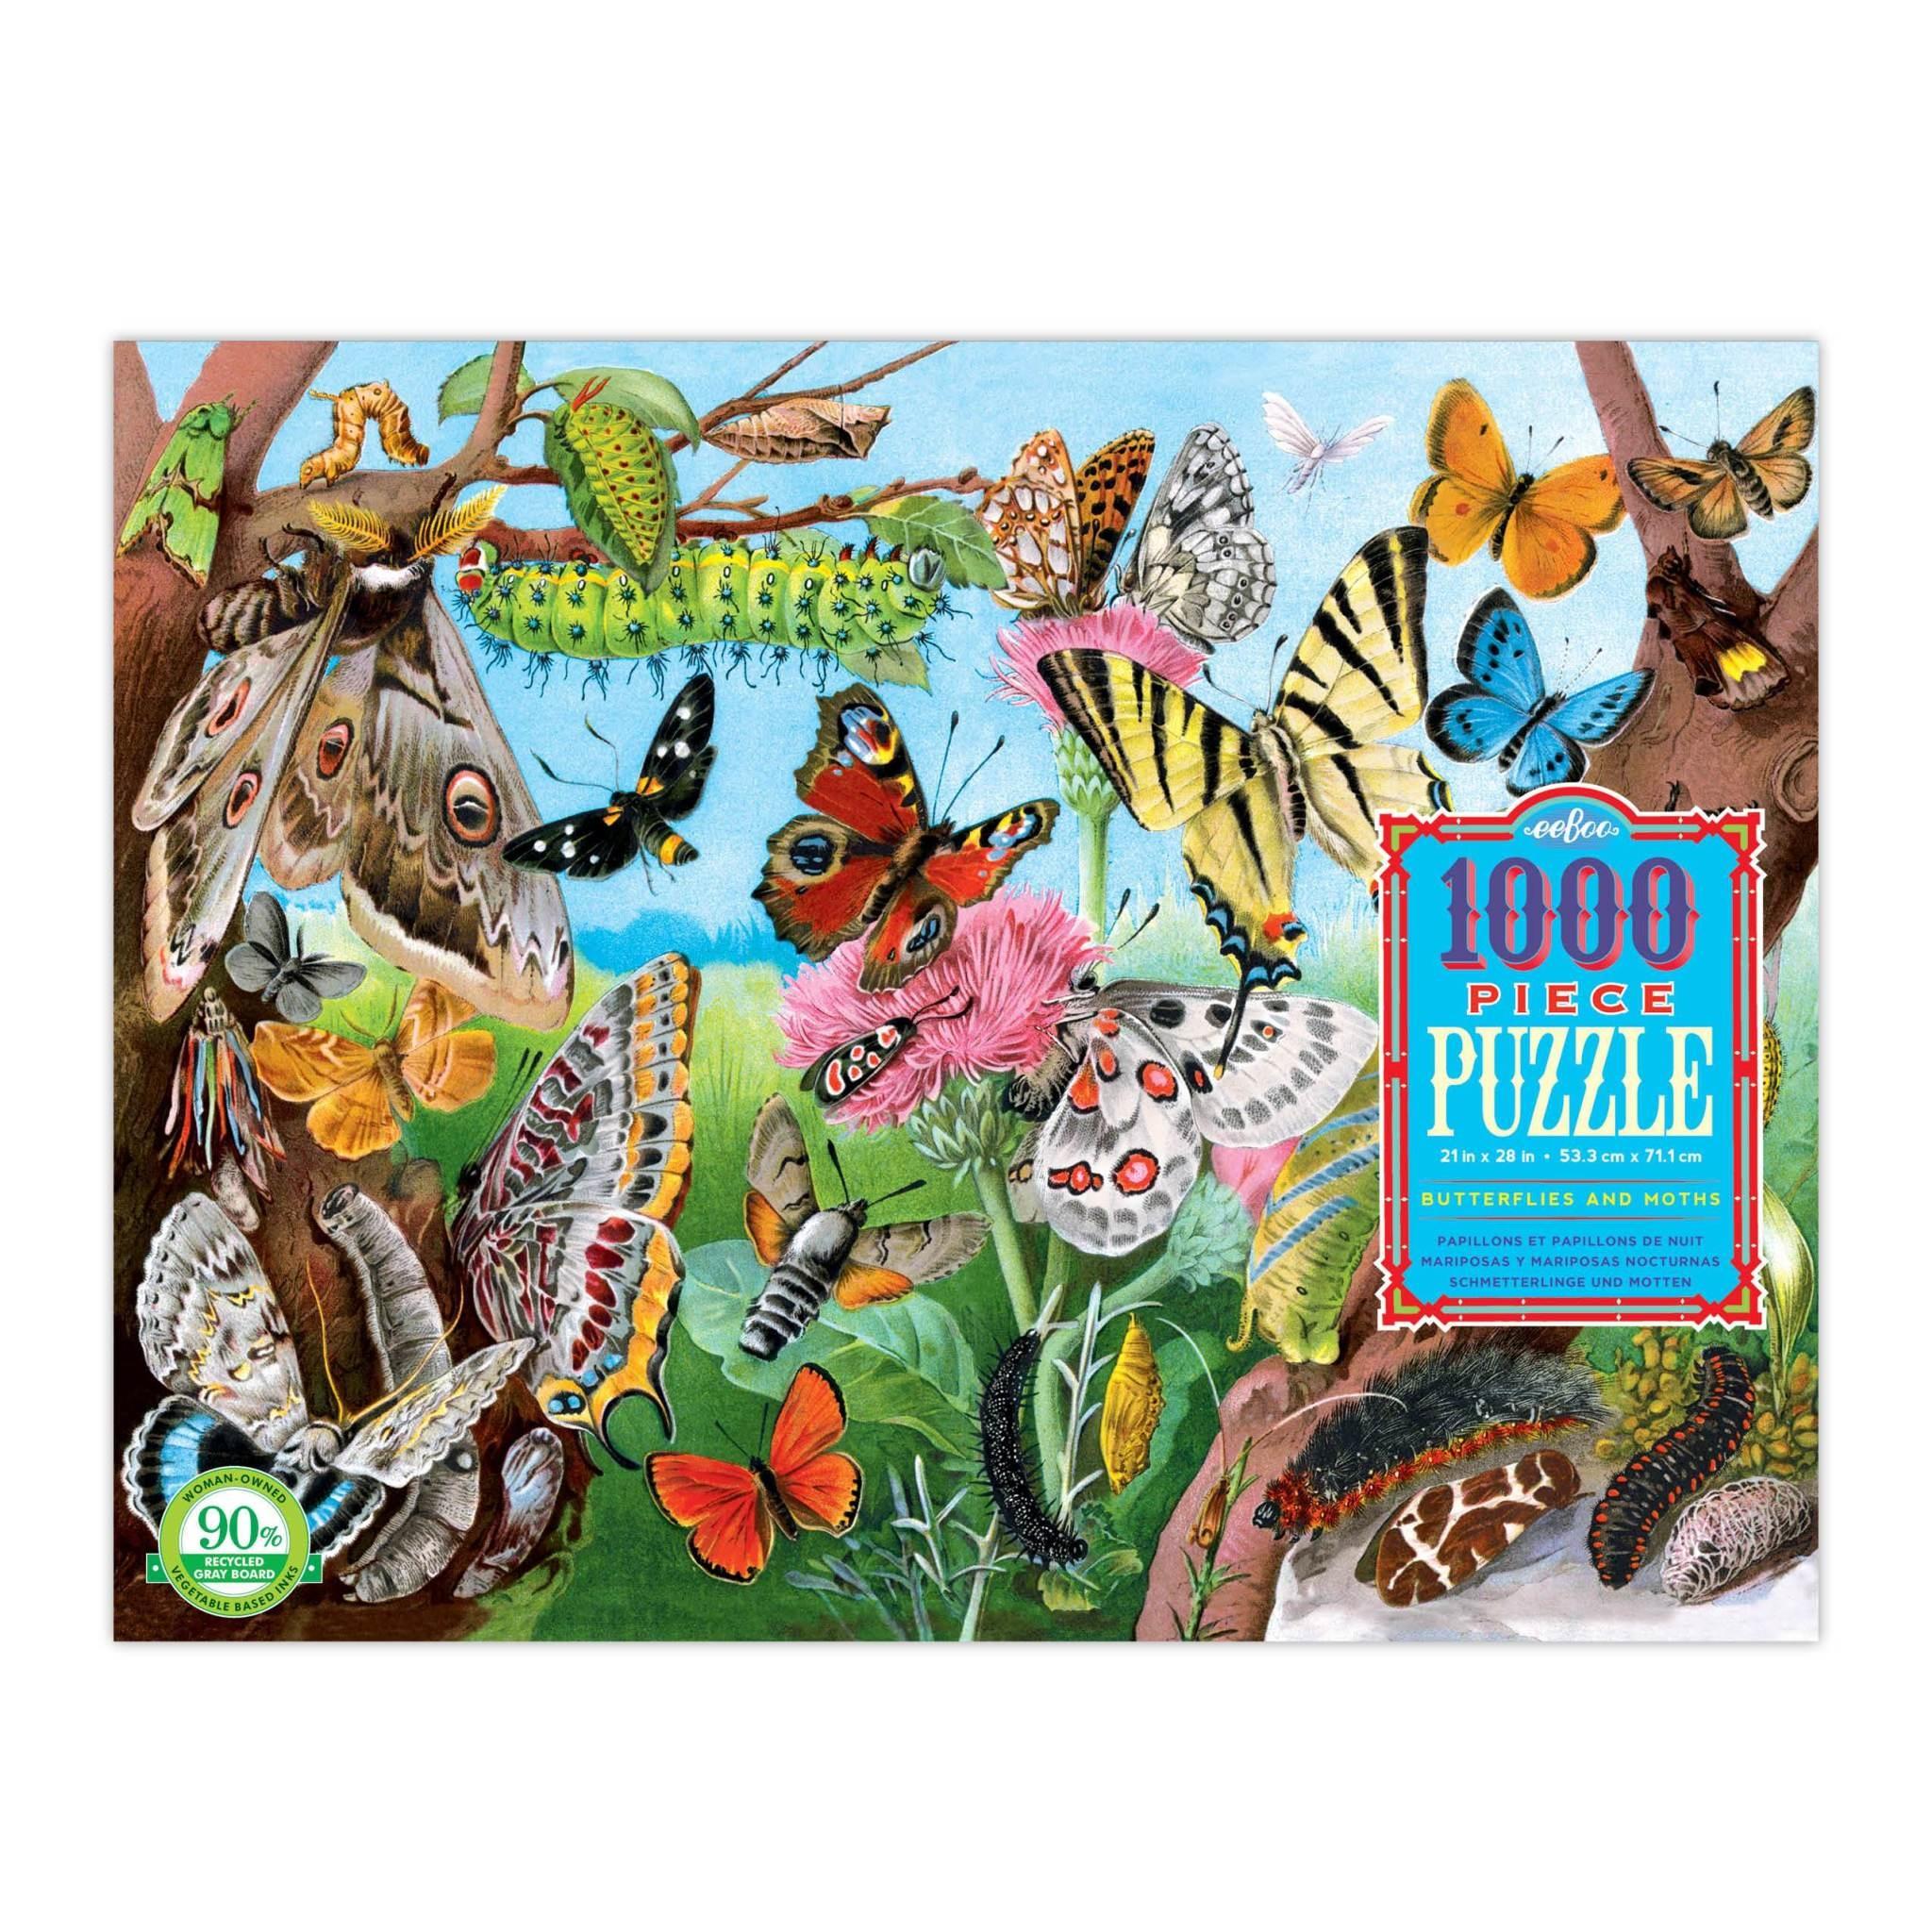 Butterflies and Moths (1000 piece Jigsaw)